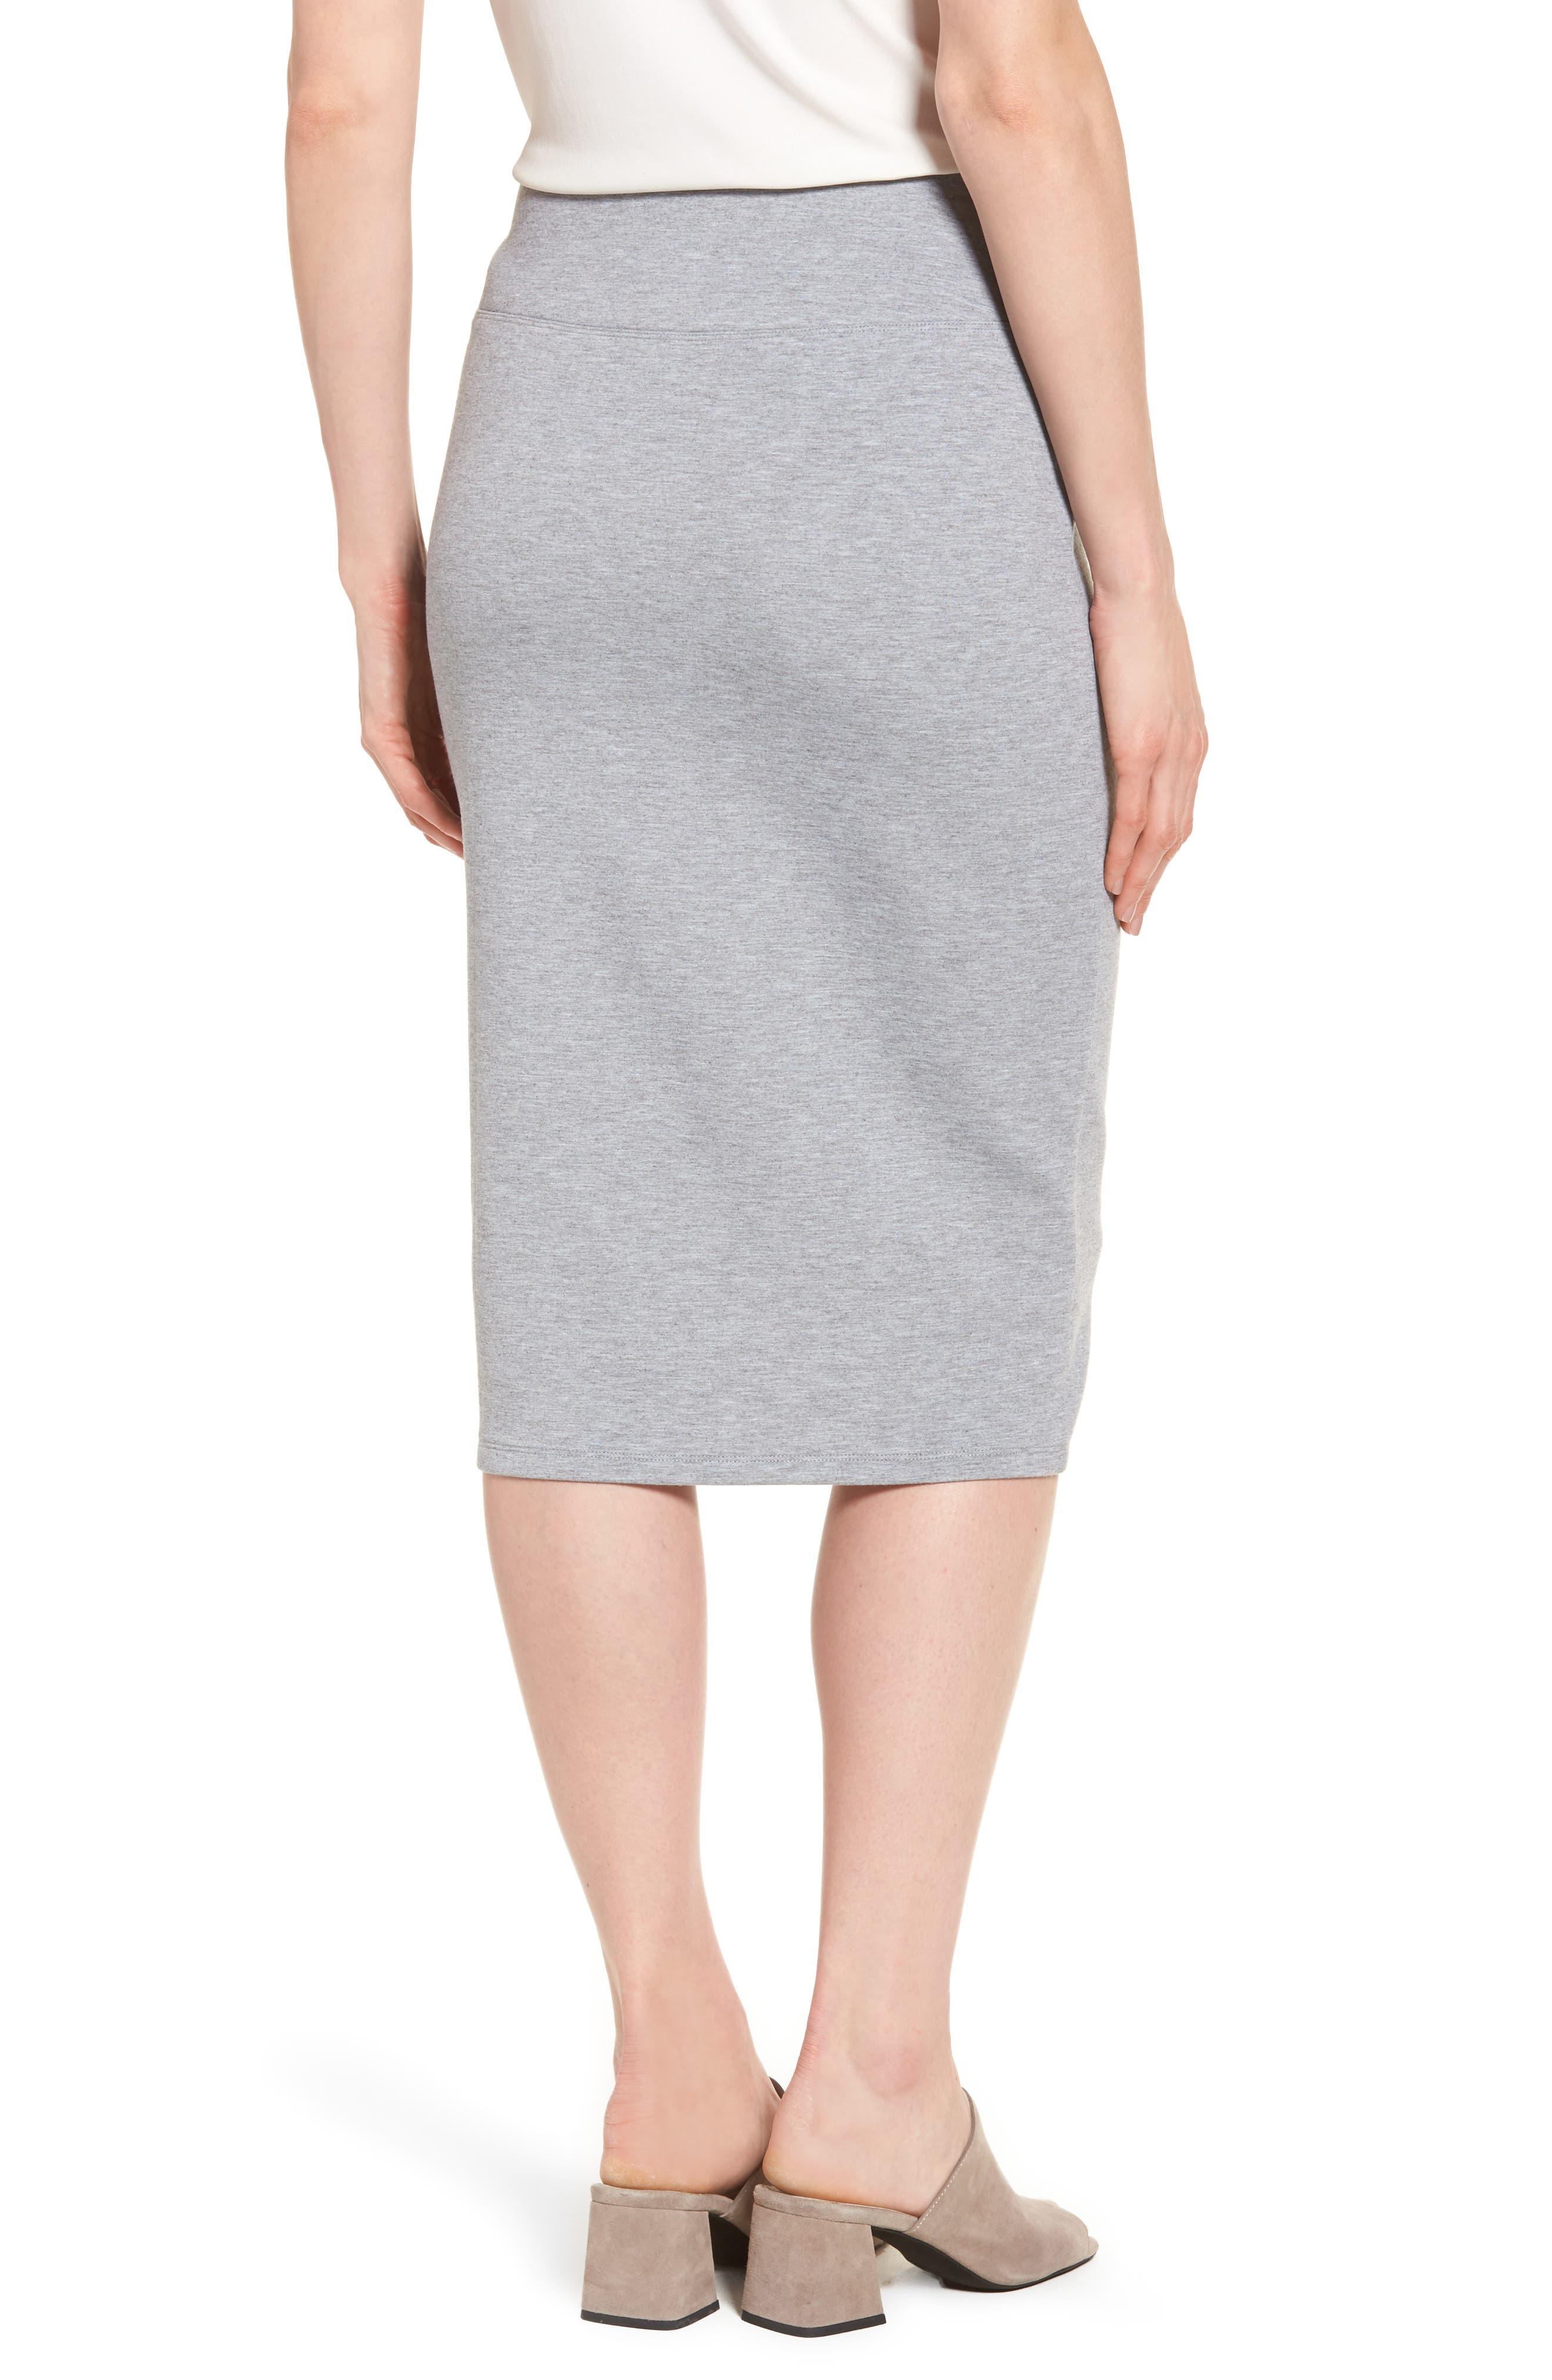 Alternate Image 2  - Halogen® Neoprene Knit Pencil Skirt (Regular & Petite)